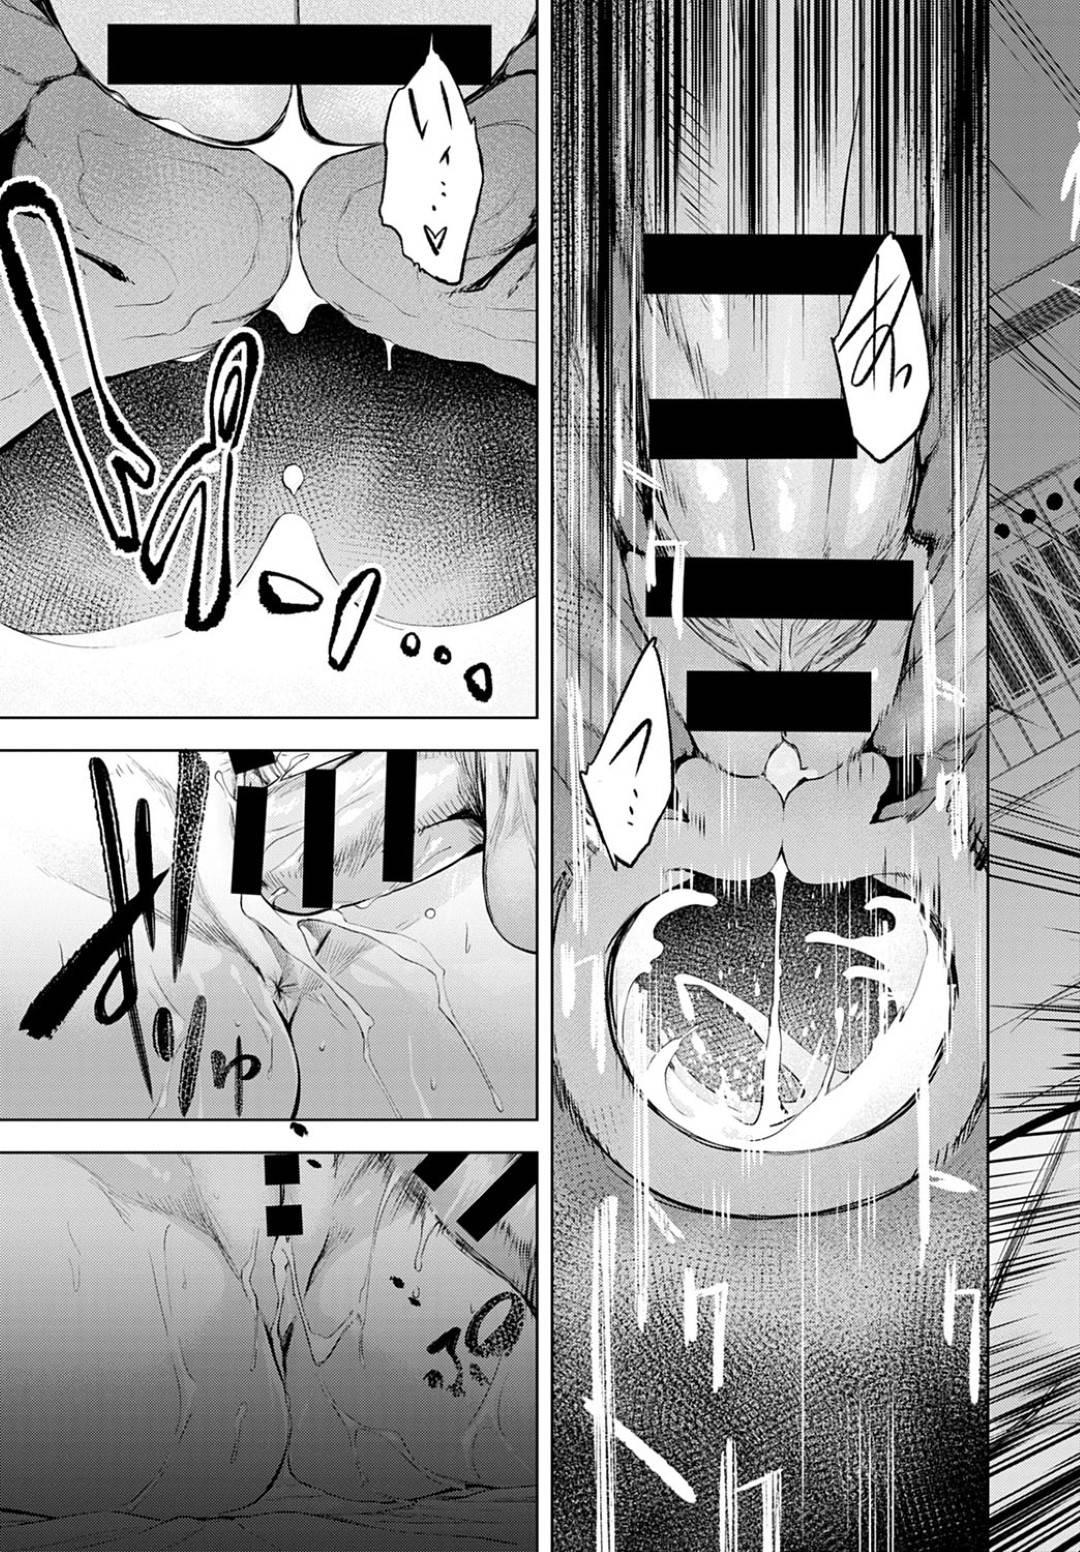 【エロ漫画】両親がしばらく出掛ける間弟とセックスすることにした姉…ぎこちない初エッチの後3日間ヤりまくり最後は生ハメ中出しセックスでフィニッシュ【歯車:ふたりあそび】